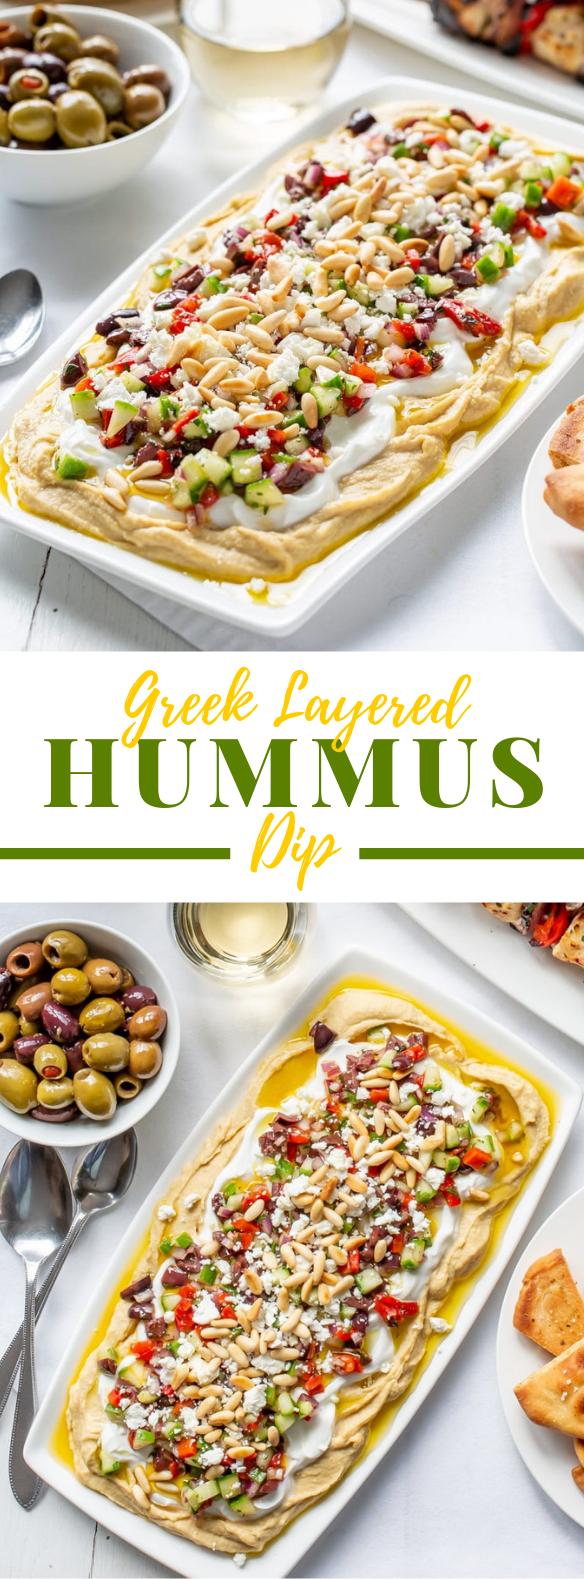 Greek Layered Hummus Dip Recipe #vegetarian #appetizers